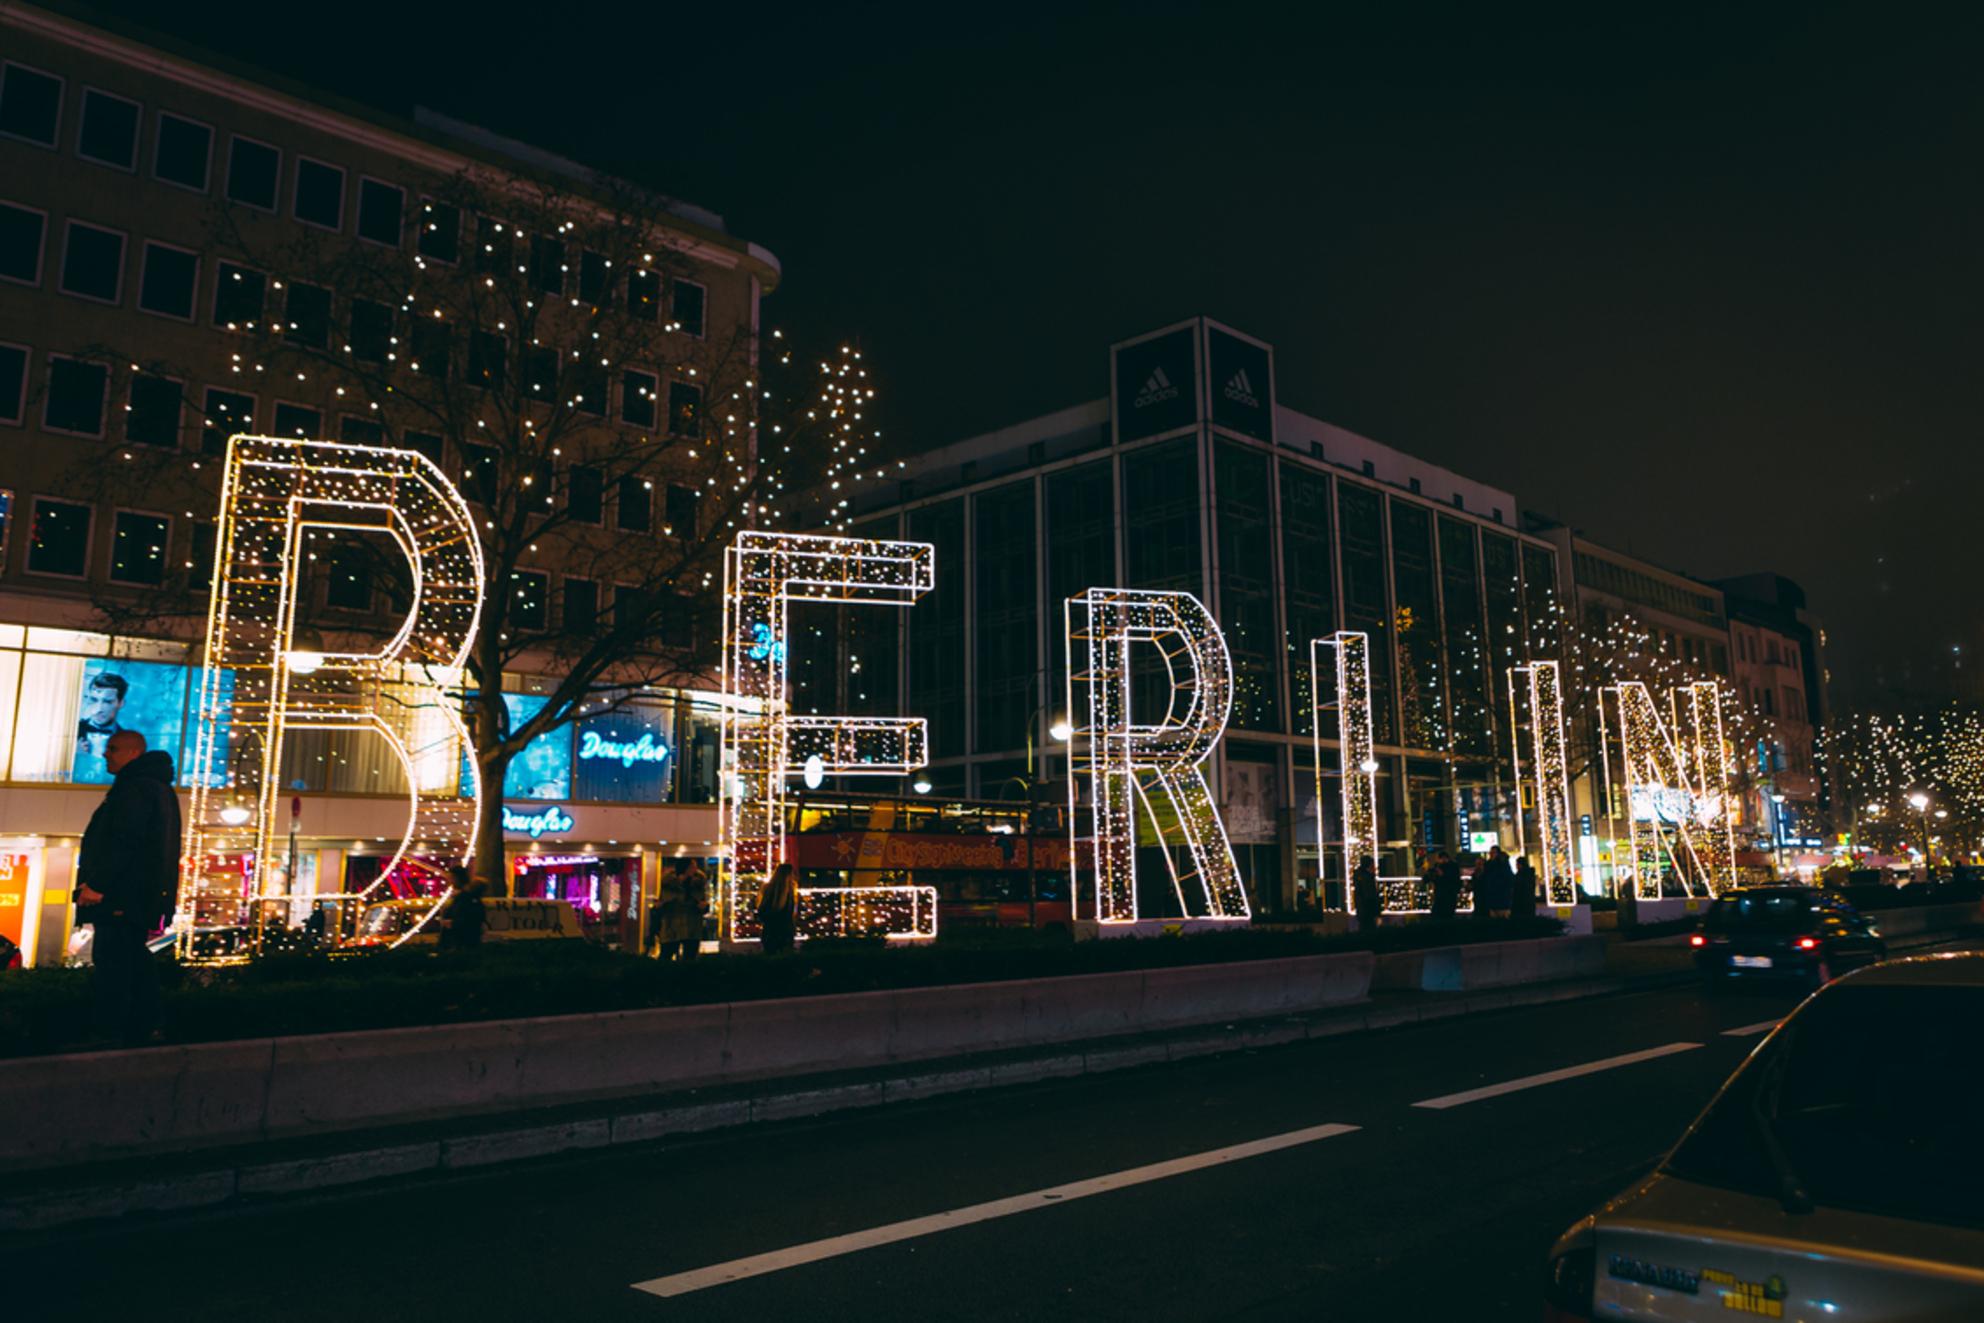 B E R L I N - B E R L I N  -  N E W  Y E A R - foto door NathanR op 04-01-2016 - deze foto bevat: kleur, straat, licht, nieuwjaar, avond, architectuur, markt, schaduw, stad, nacht, berlijn, metro, straatfotografie, lichten, berlin - Deze foto mag gebruikt worden in een Zoom.nl publicatie